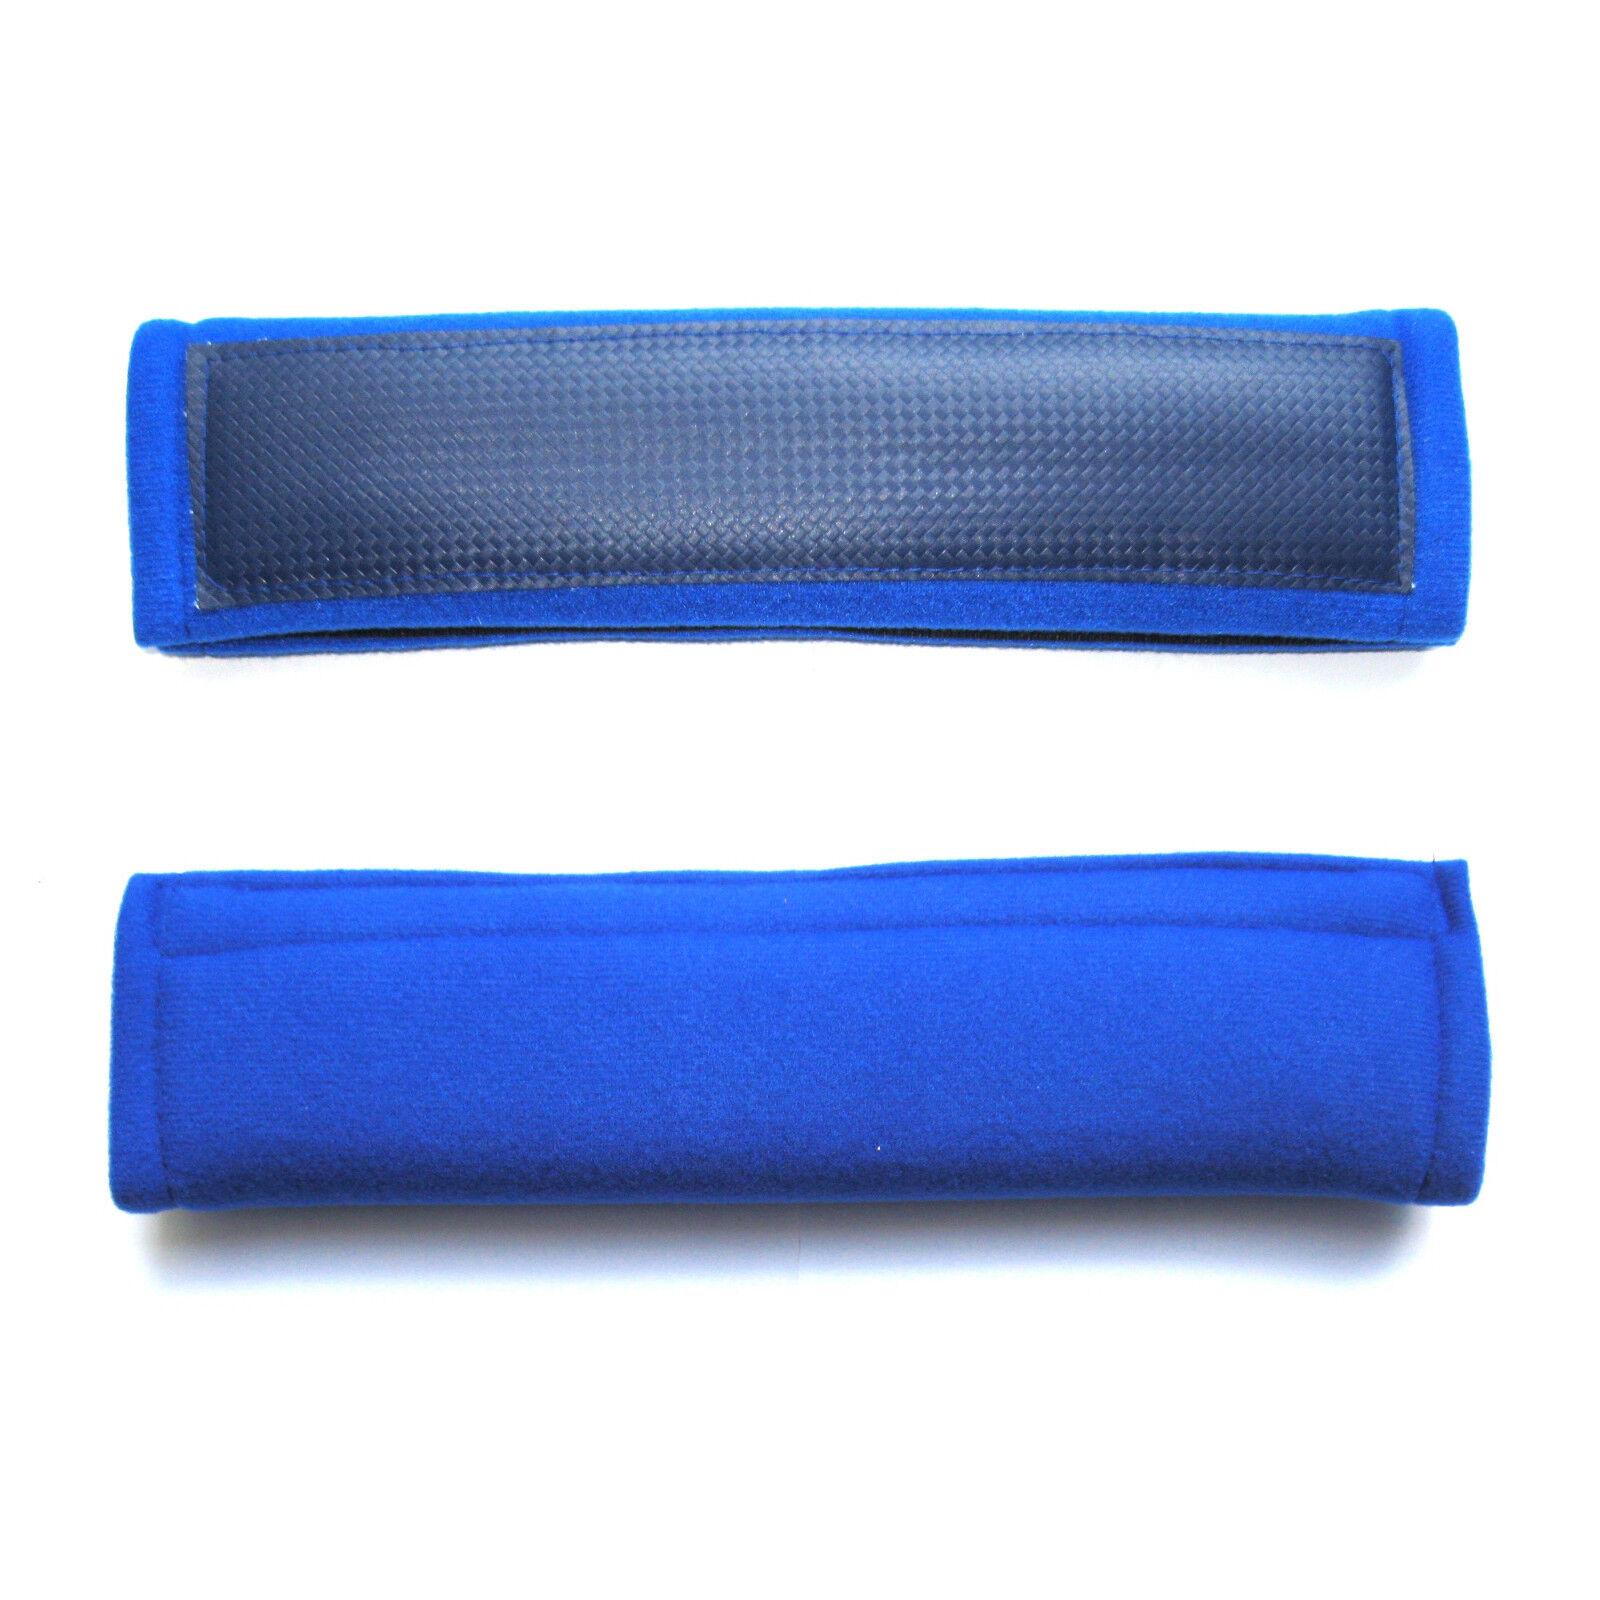 Gurtpolster Gurtschoner Schulterpolster weich bequem Polster blau